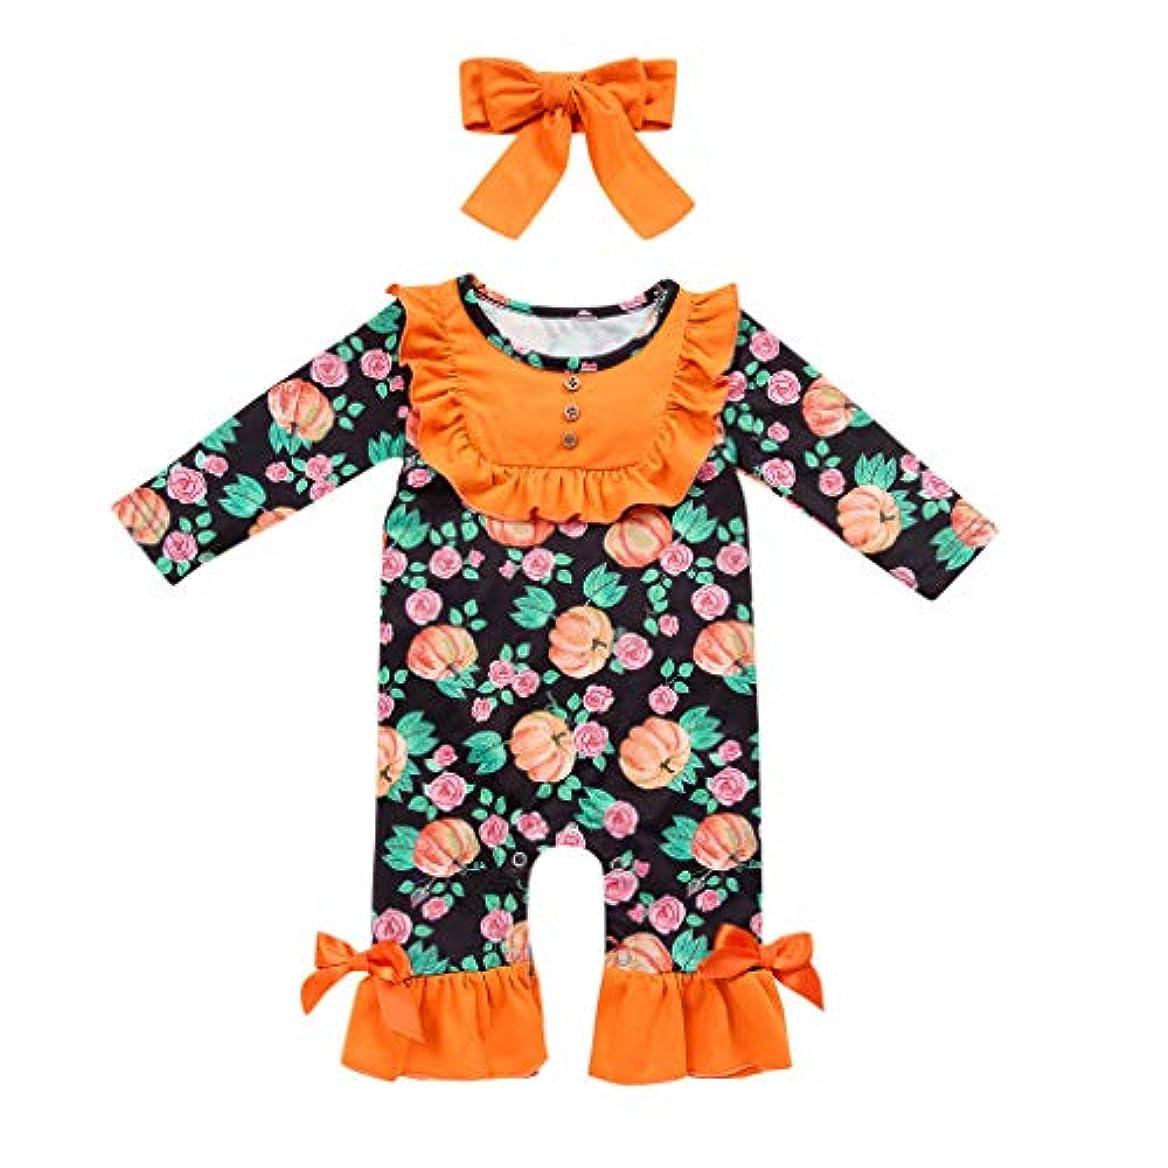 ソビエト縮れたストロークベビー 子供服 ハロウィン セット かぼちゃ ロンパス 悪魔 幽霊 プリント ロングパンツ 男の子 女の子 赤ちゃん服 子供 コスチューム キッズ 柔らかい 可愛い ベビー服 仮装衣装 パーティー 写真 撮影